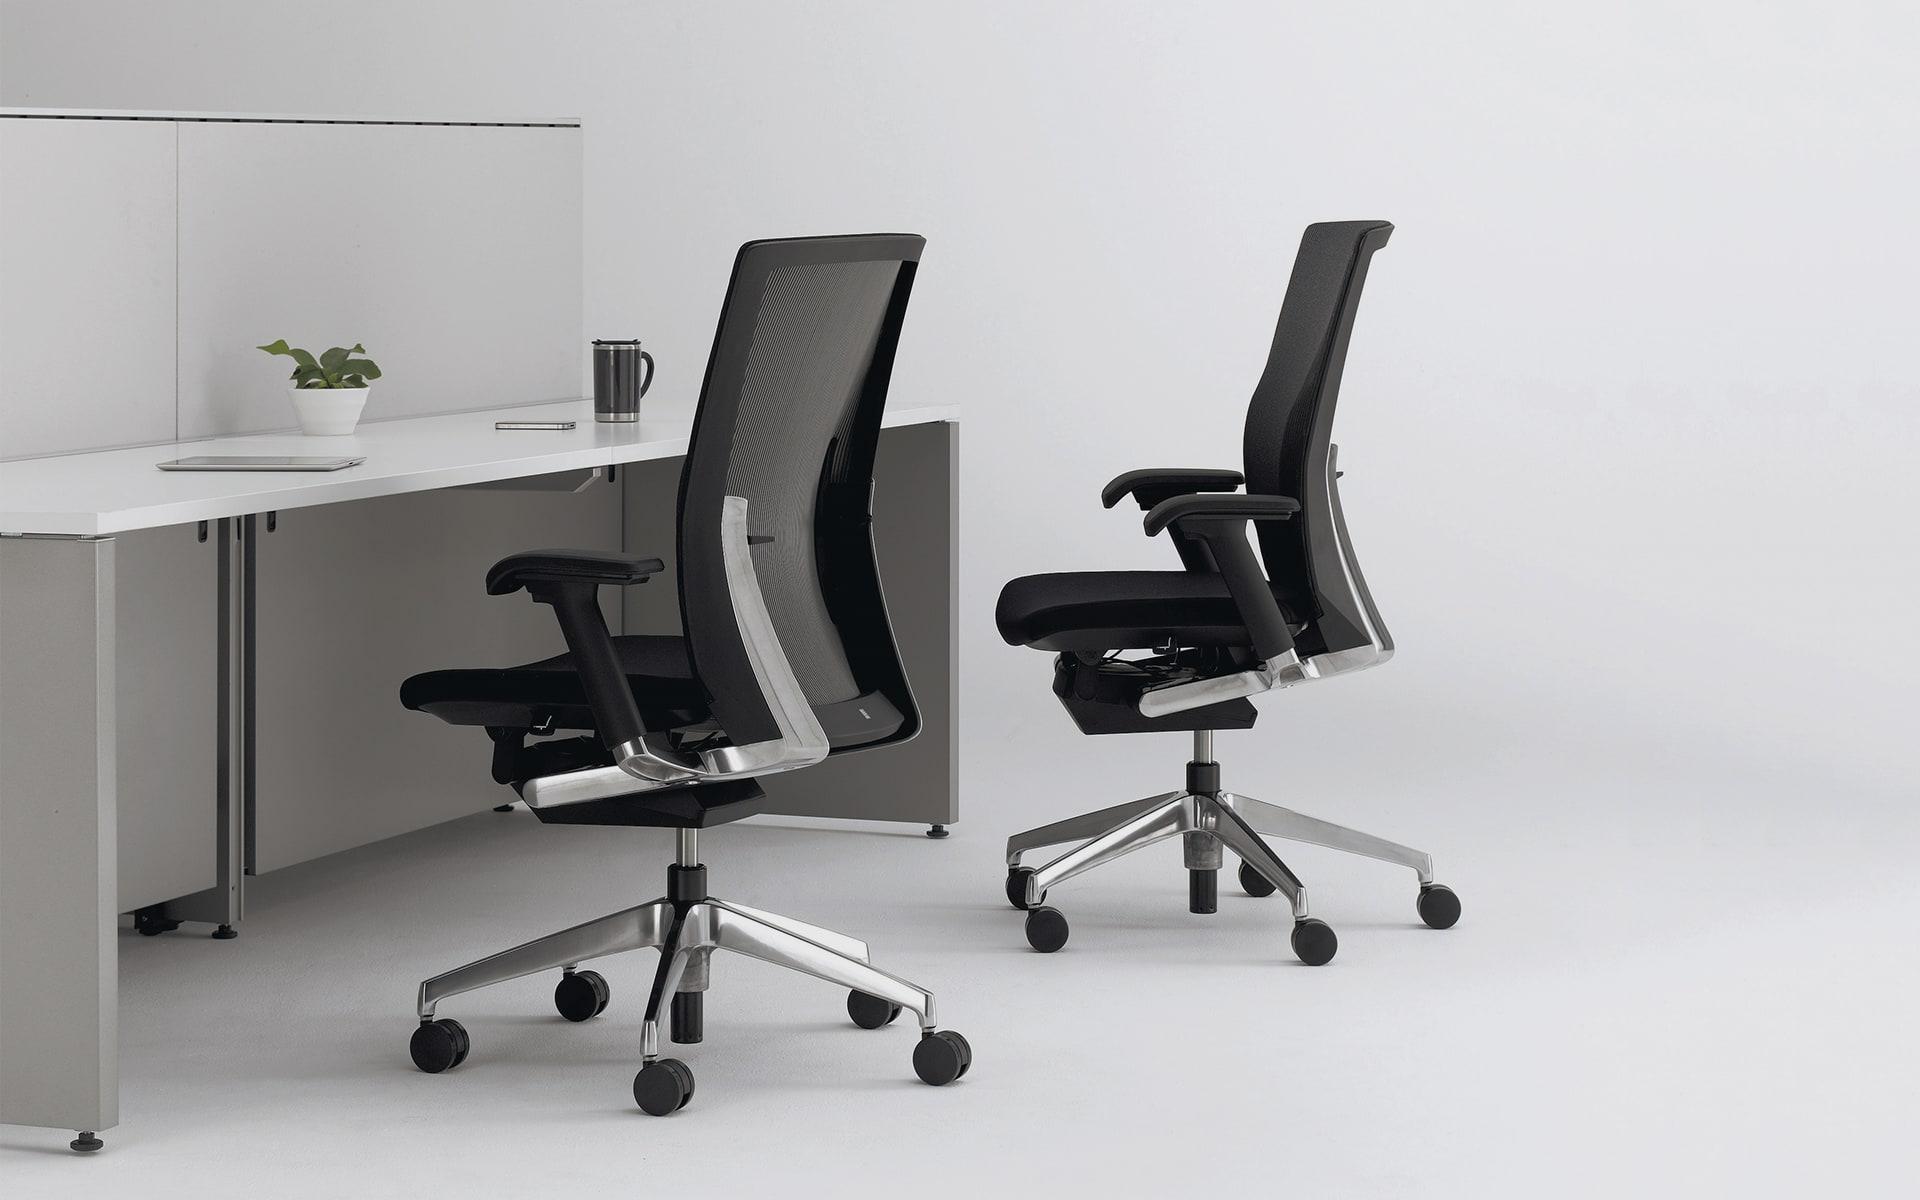 Zwei ITOKI Vento Bürostühle von ITO Design in Schwarz an puristischem Arbeitsplatz